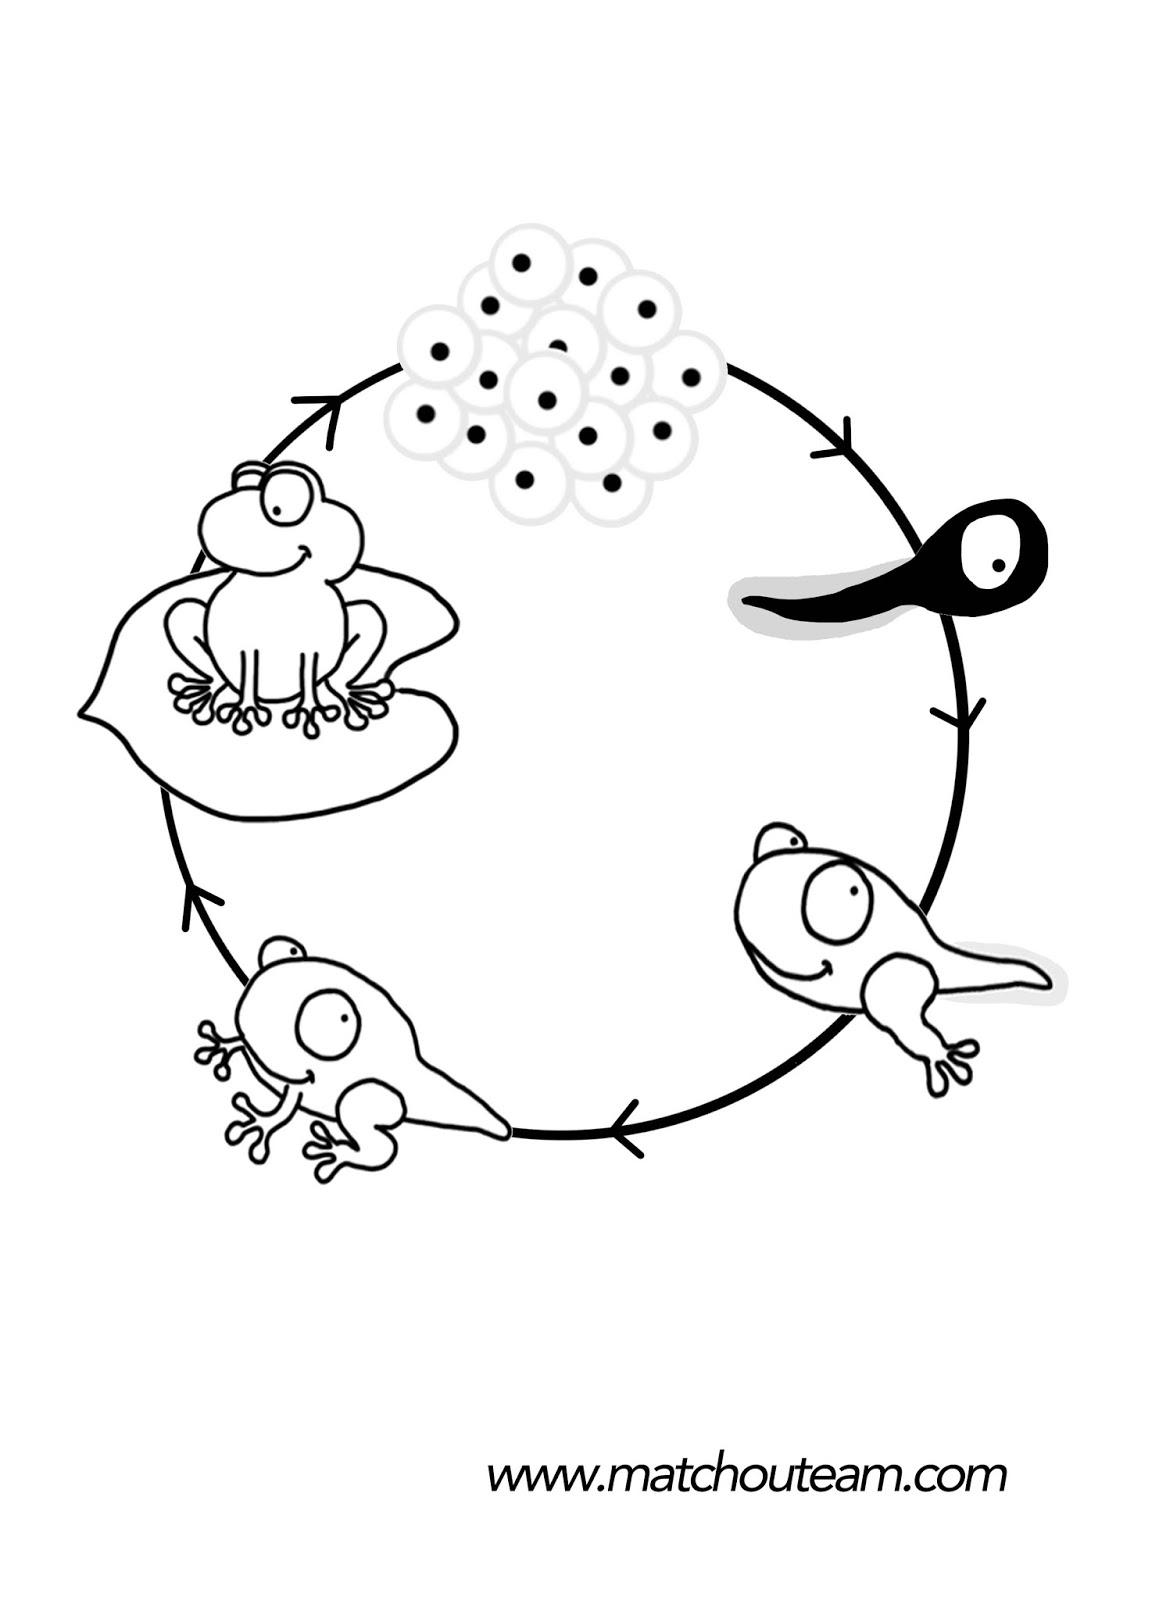 coloriage cycle de vie de la grenouille